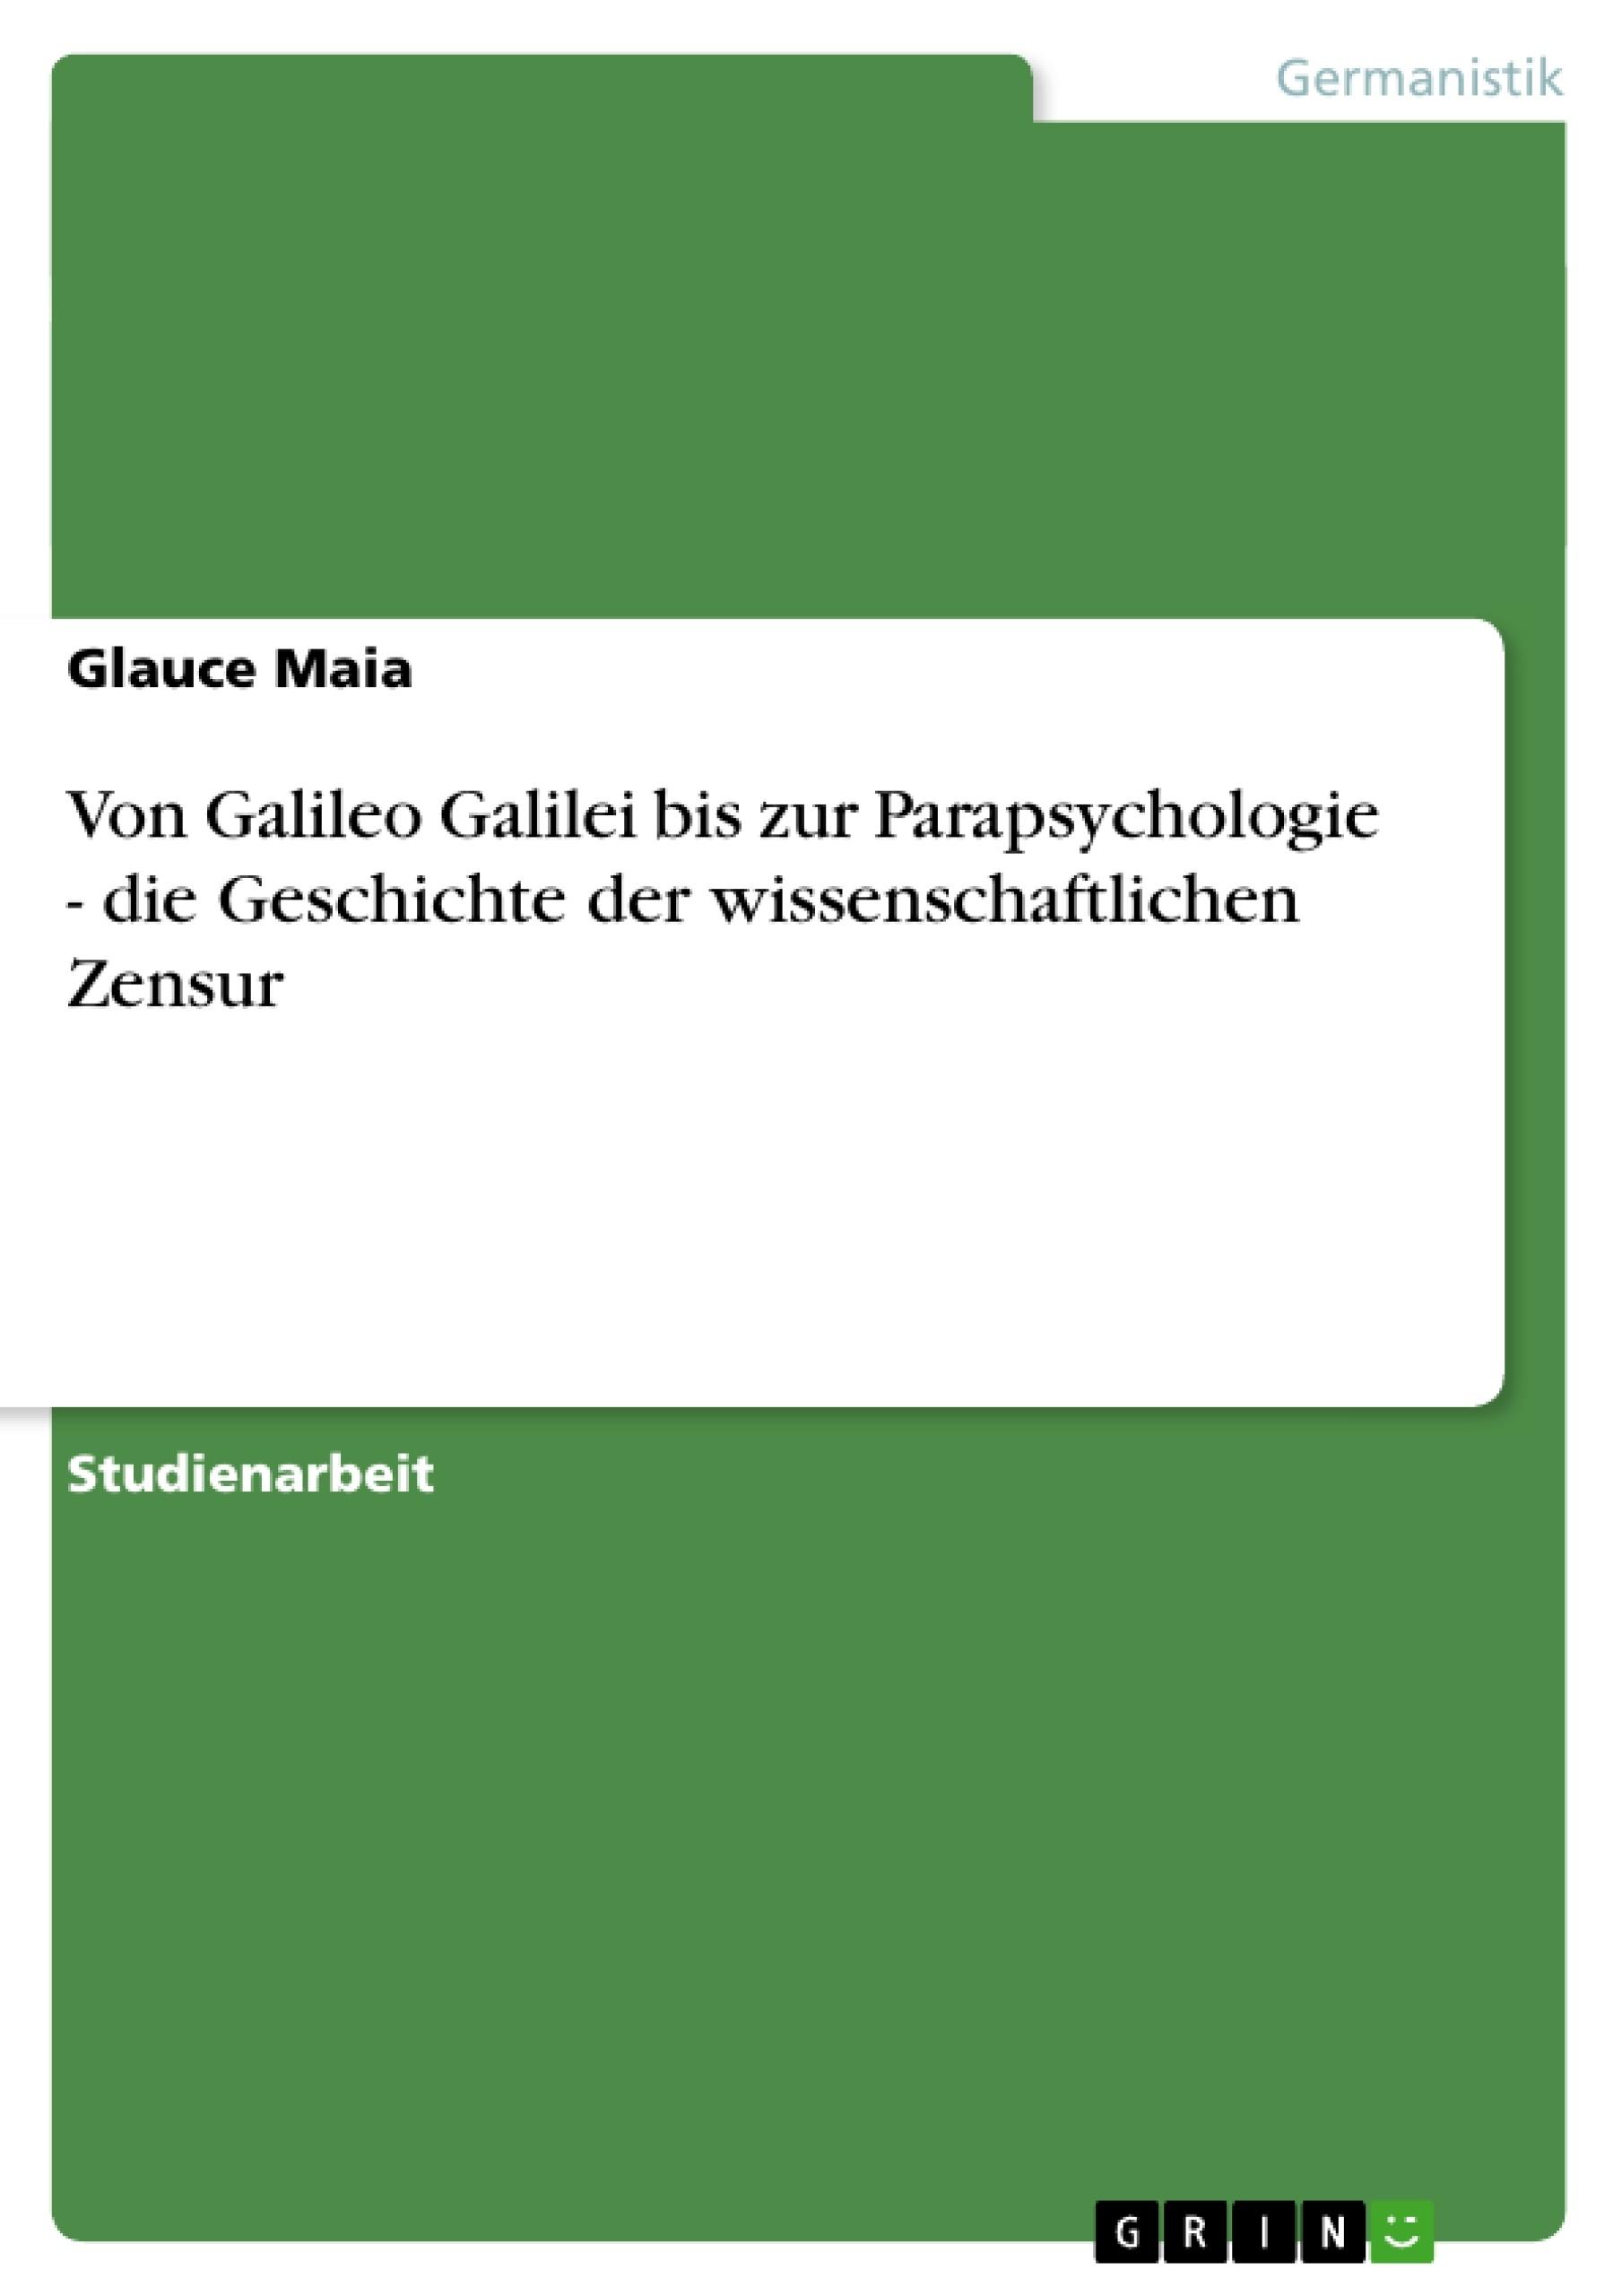 Titel: Von Galileo Galilei bis zur Parapsychologie - die Geschichte der wissenschaftlichen Zensur